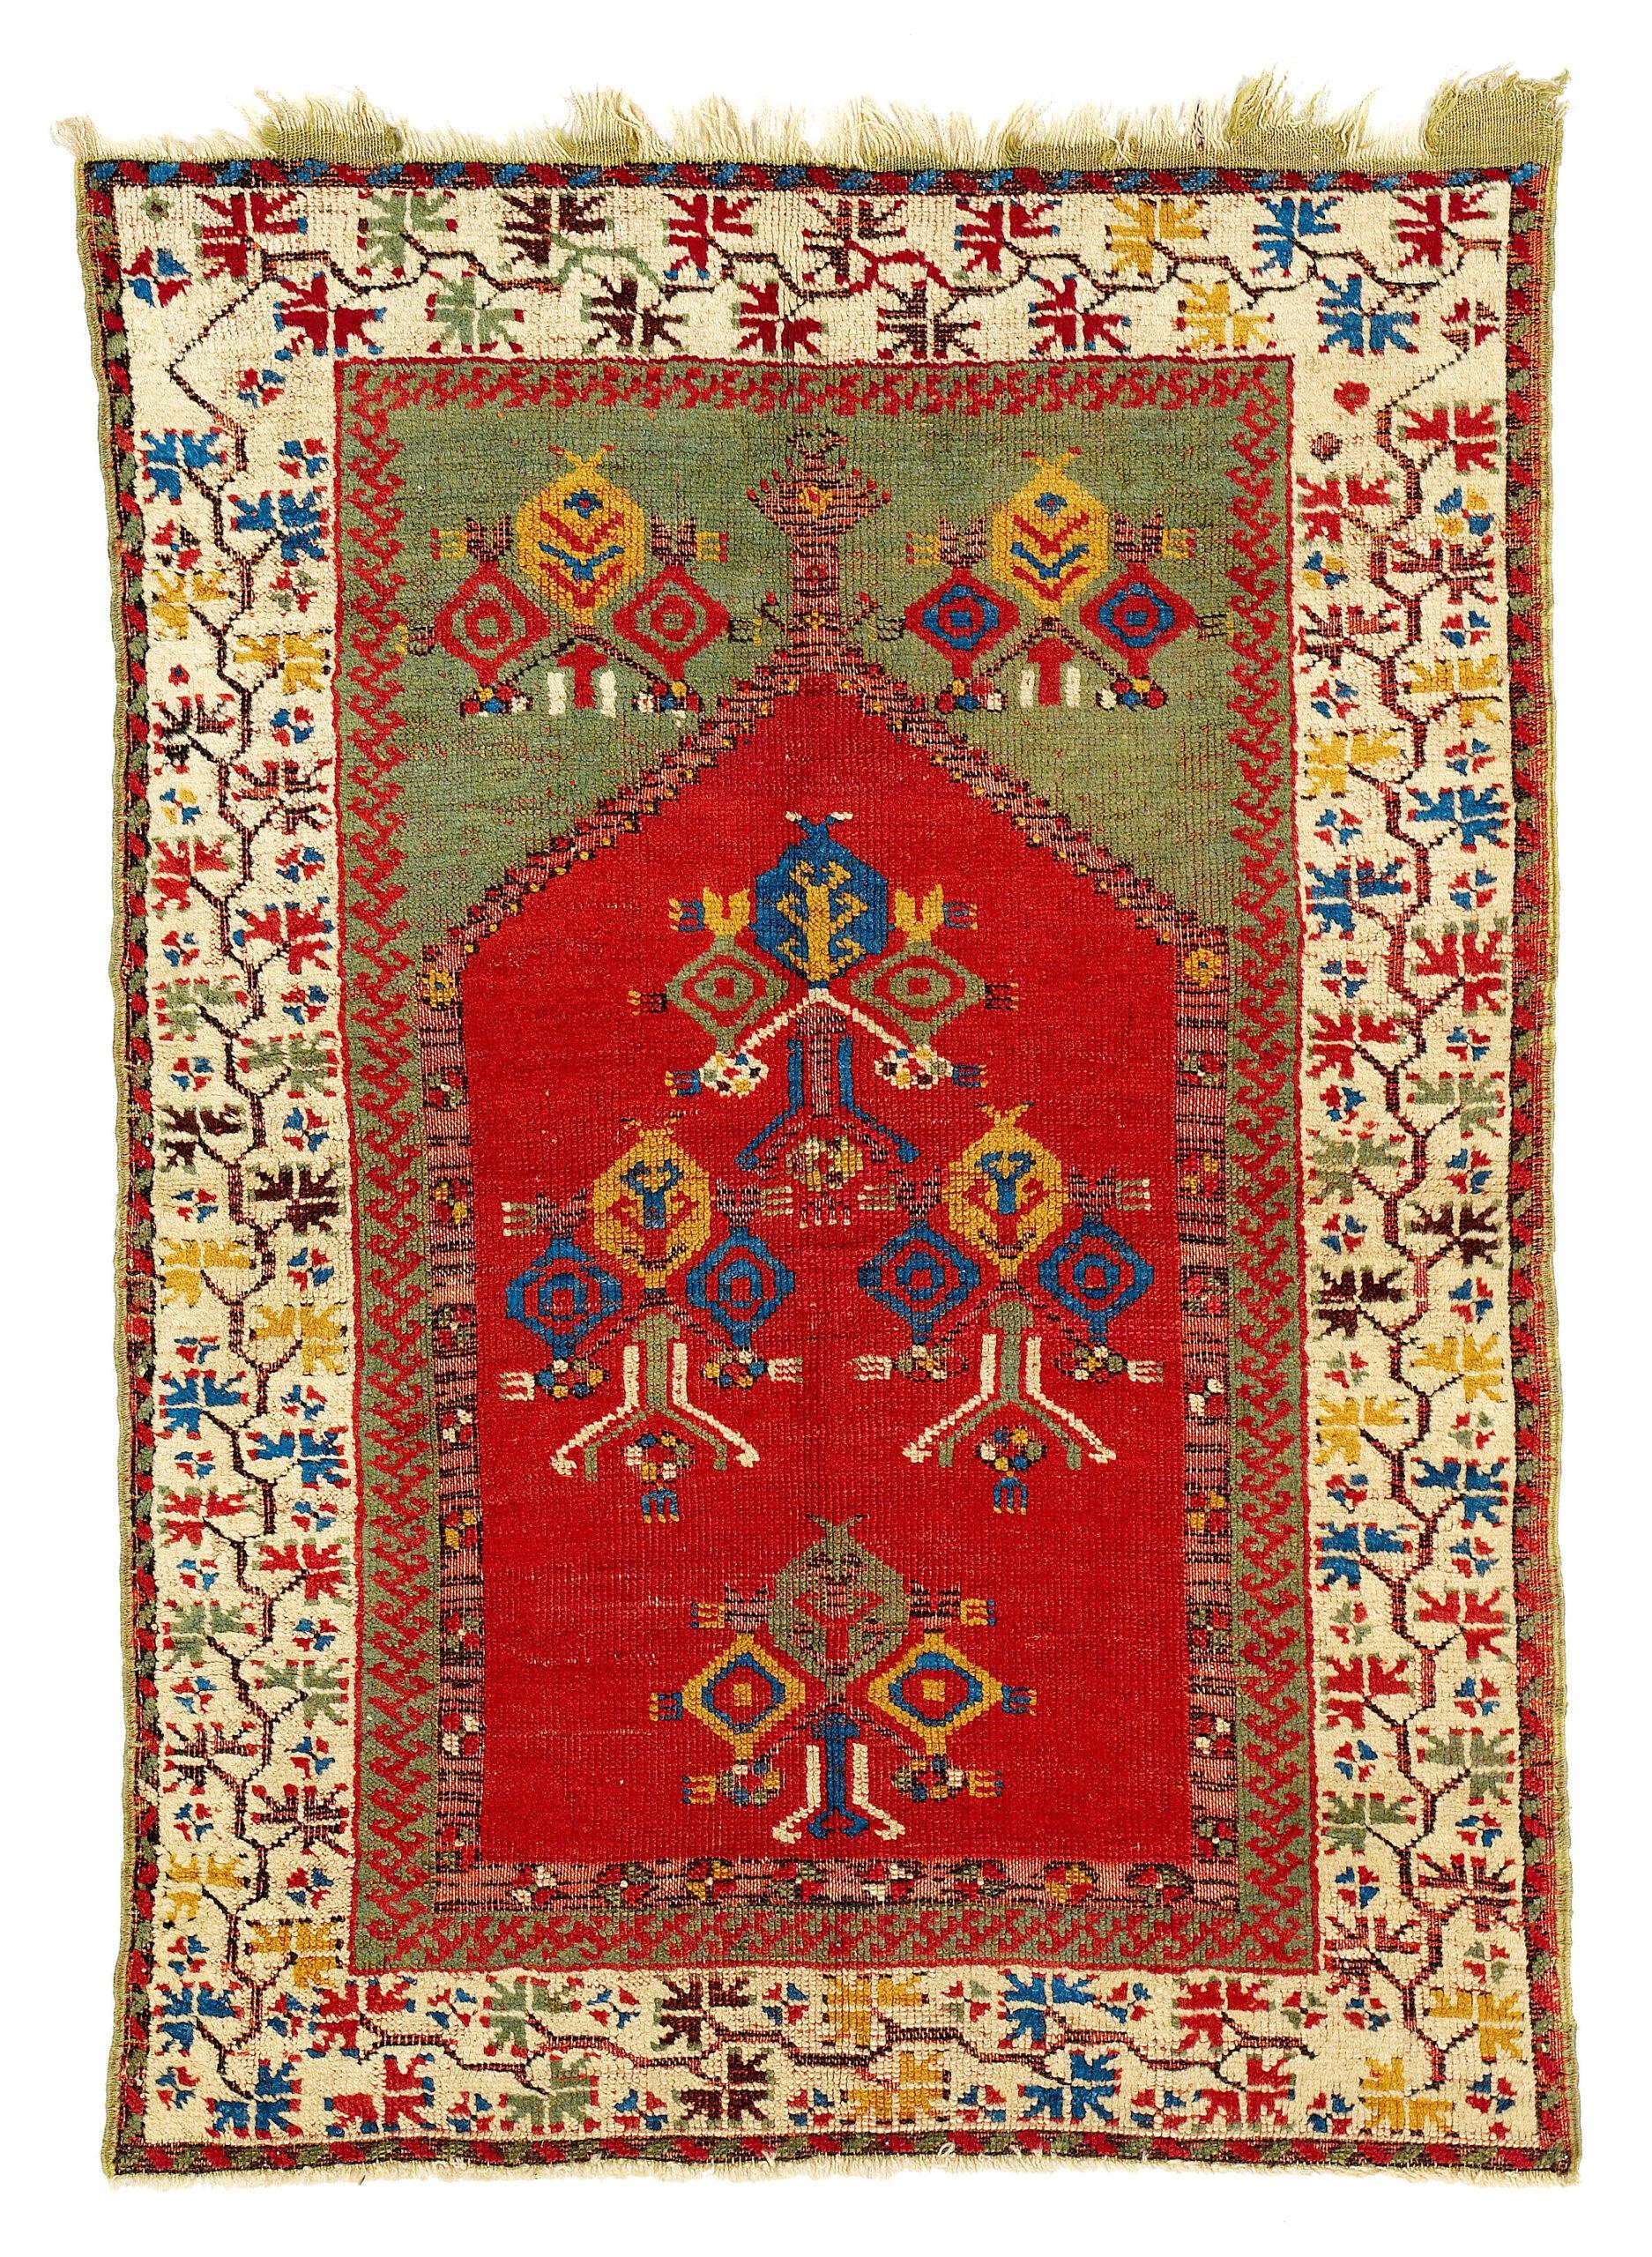 17th-18th century Cenrtal Anatolian carpet most probably from Aksaray